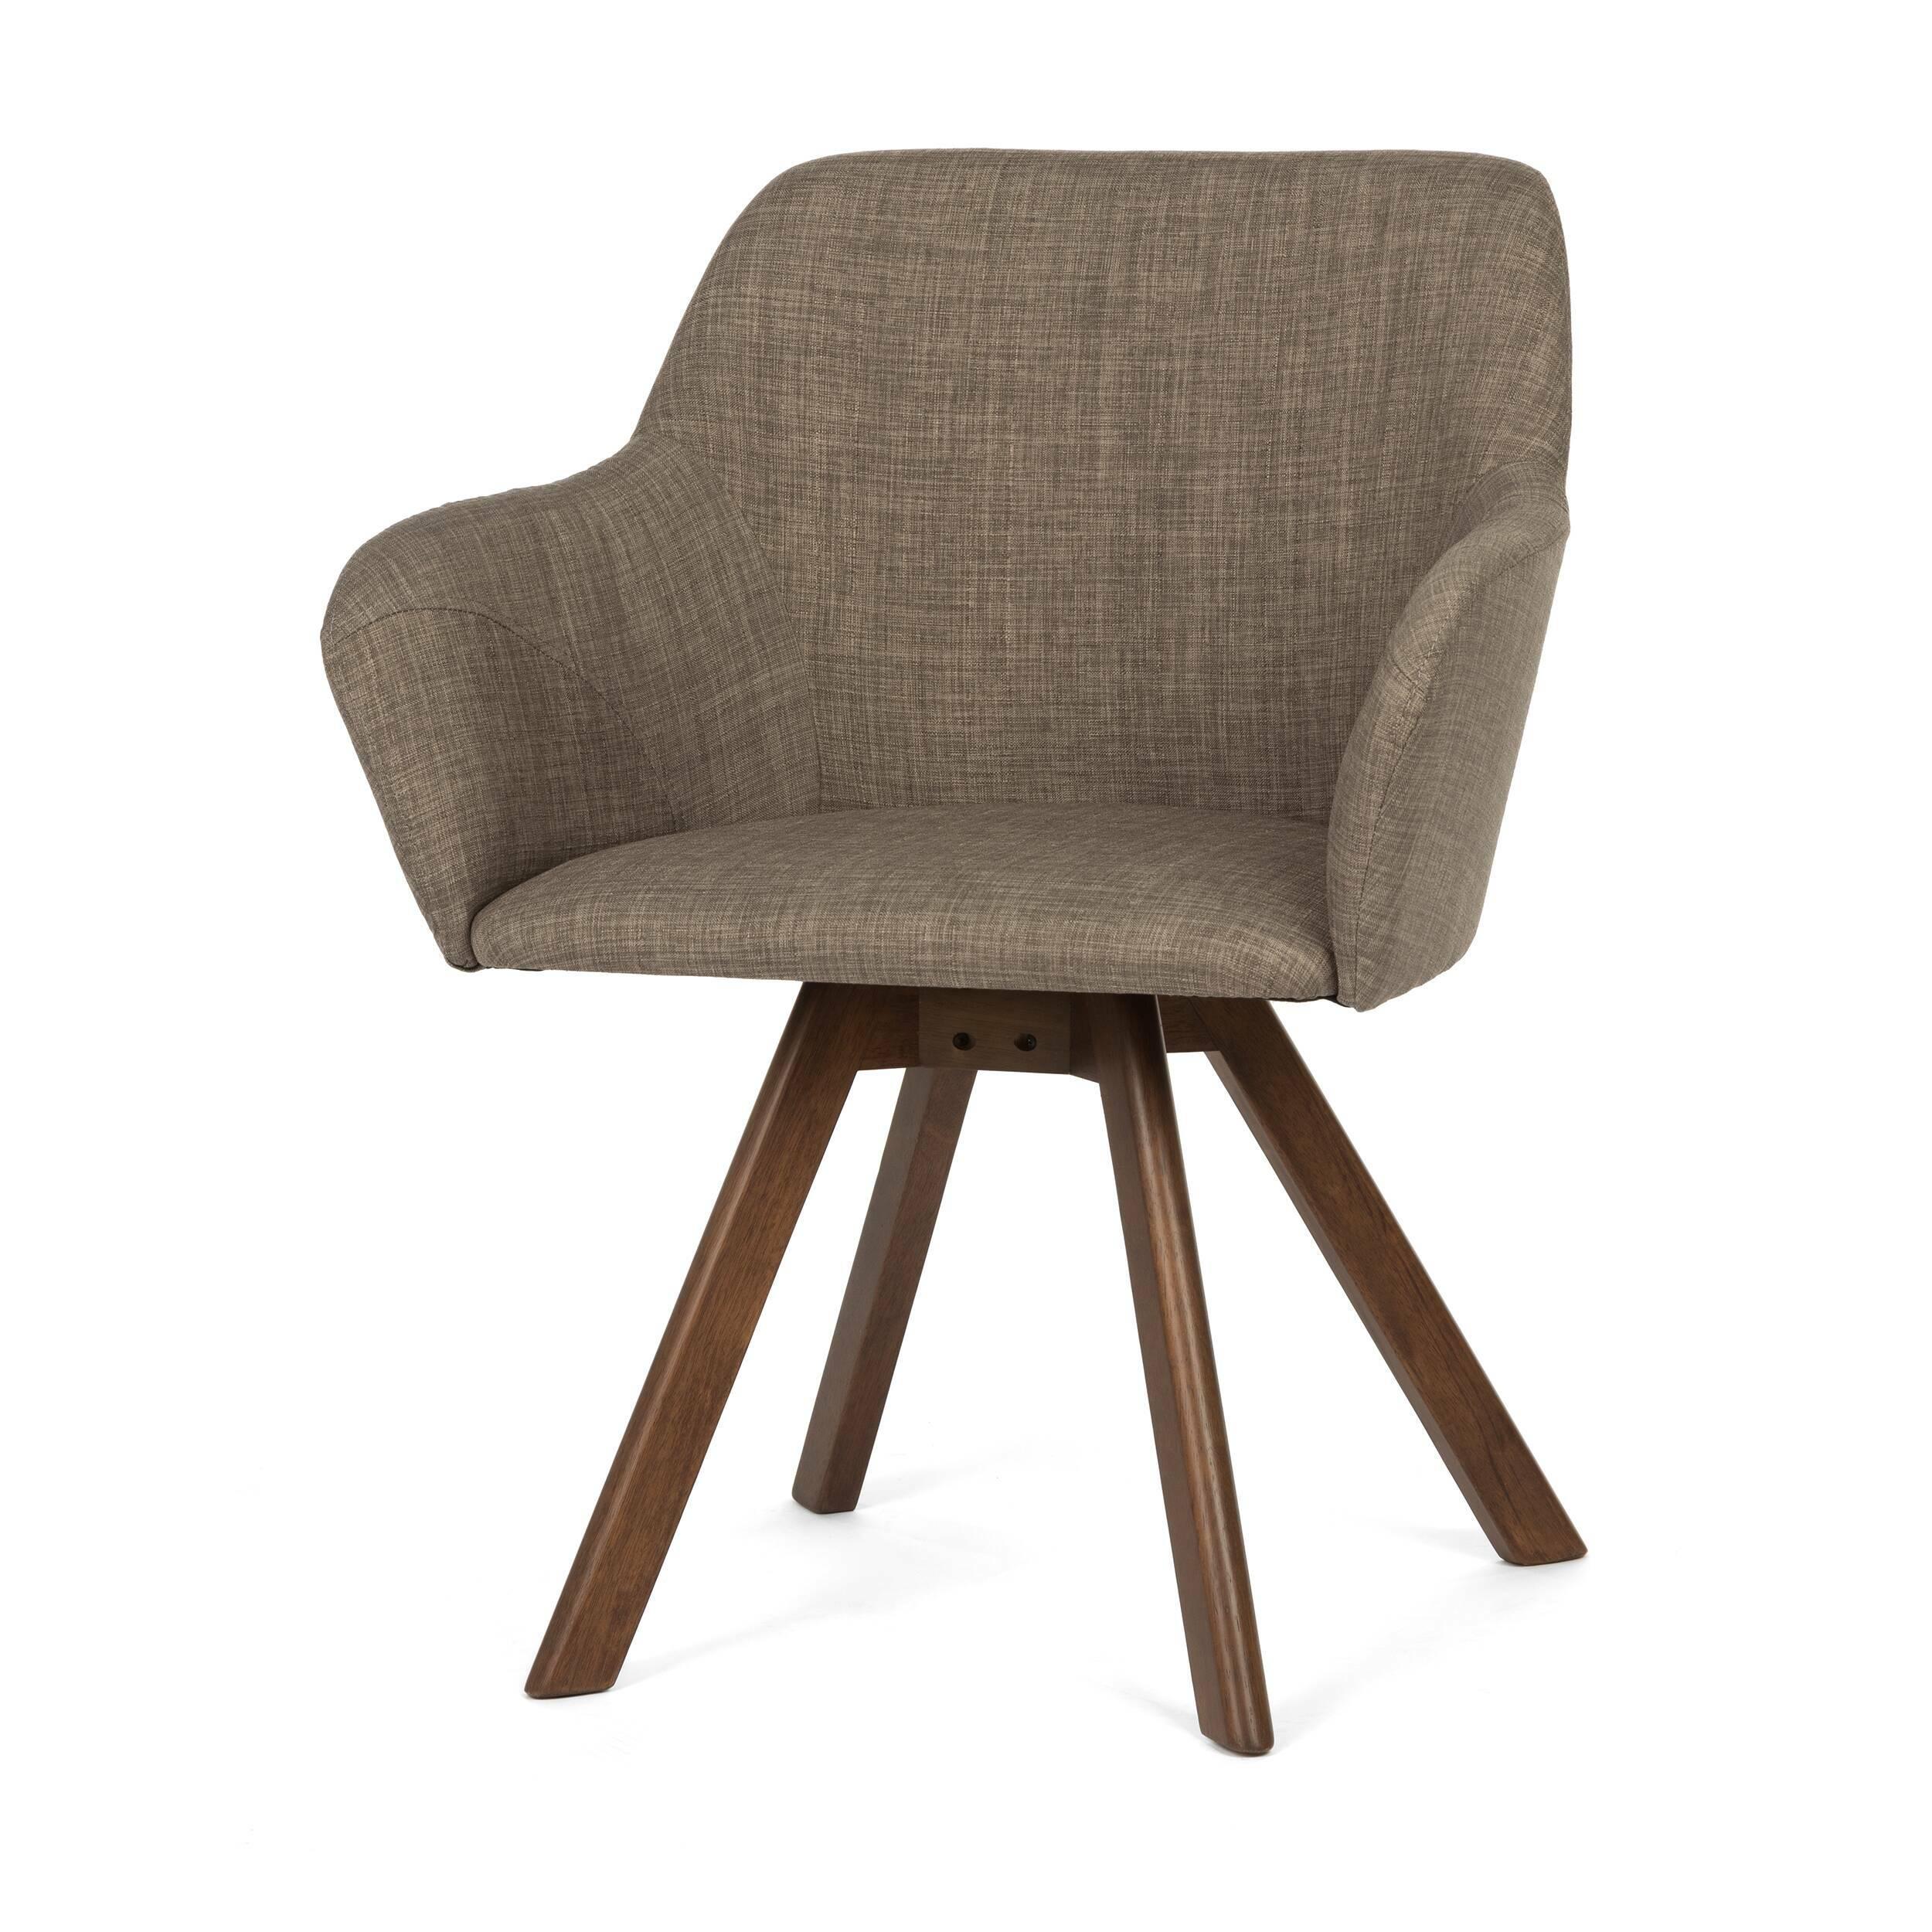 Стул BessИнтерьерные<br>Дизайнерский мягкий стул Bess (Бесс) с подлокотниками на длинных деревянных ножках от Cosmo (Космо).<br>Такой гость в домашнем интерьере — настоящая находка, ведь дизайн данной модели необычен и по-настоящему актуален. Стильное сочетание форм и материалов станут модным дополнением как к классическому, так и к современному интерьеру. Стоит ли перед вами задача подобрать мебель для интерьера в стиле конструктивизм, минимализм, а также многих других направлений, стул Bess непременно окажется полез...<br><br>stock: 0<br>Высота: 81<br>Высота спинки: 49.5<br>Ширина: 62<br>Глубина: 66<br>Цвет ножек: Коричневый<br>Наполнитель: Пена<br>Материал ножек: Массив каучукового дерева<br>Материал сидения: Полиэстер<br>Цвет сидения: Серый<br>Тип материала сидения: Ткань<br>Тип материала ножек: Дерево